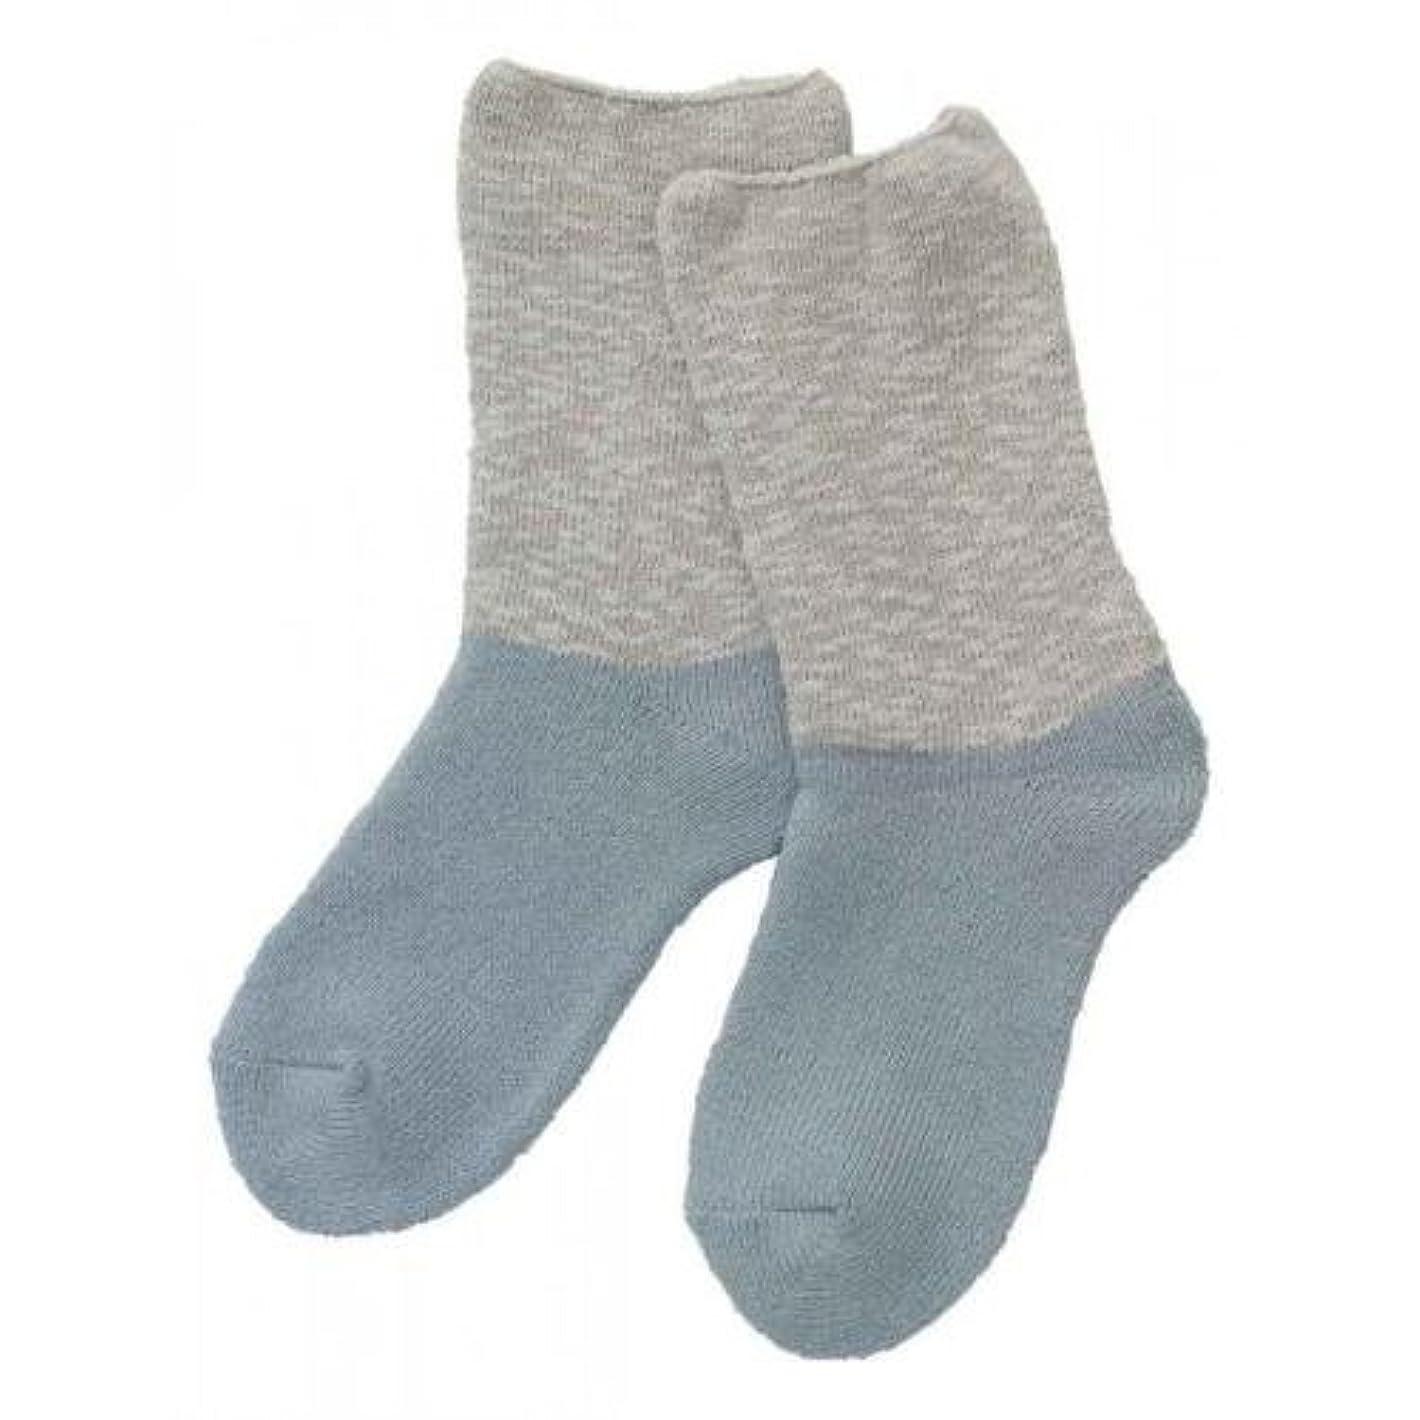 疾患帝国主義マイナスCarelance(ケアランス)お風呂上りのやさしい靴下 綿麻パイルで足先さわやか 8706CA-70 ブルー